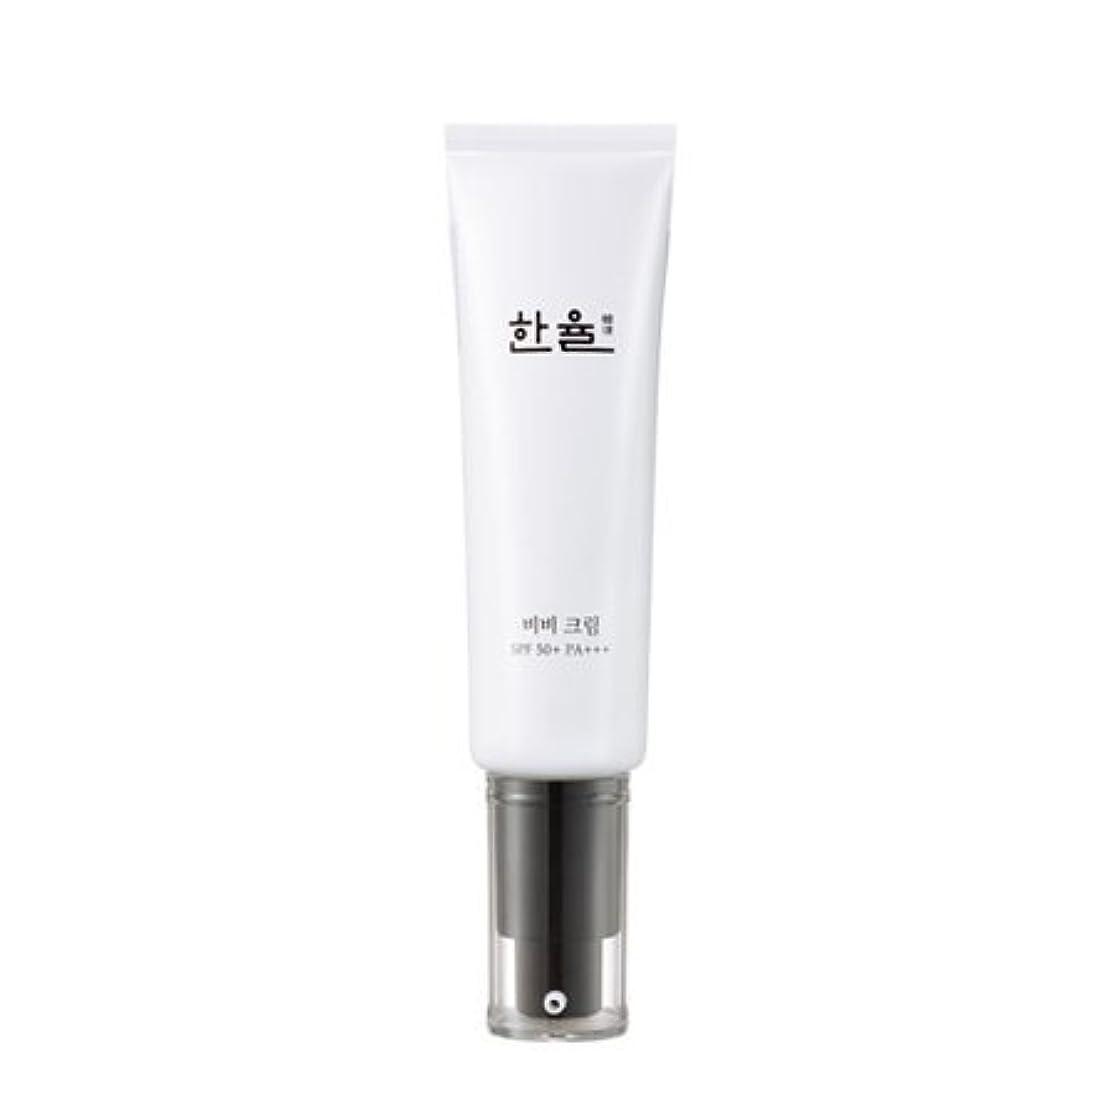 の前で温度中国[HANYUL] BB Cream SPF 50+/pa+++ (#02 Soft Beige)